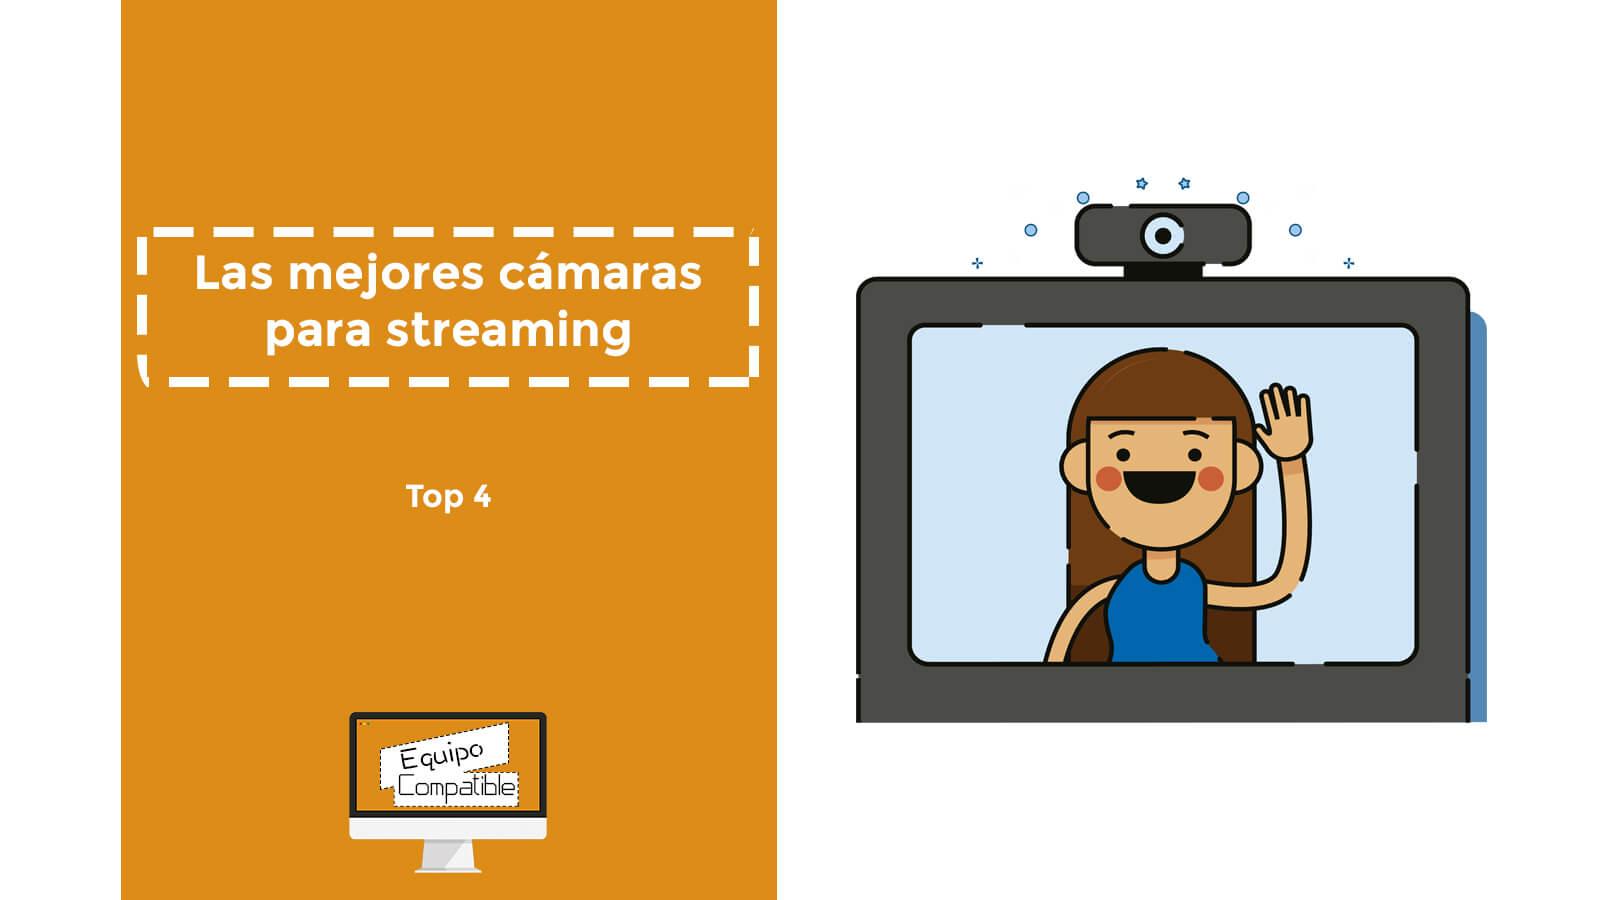 mejores camaras para streaming